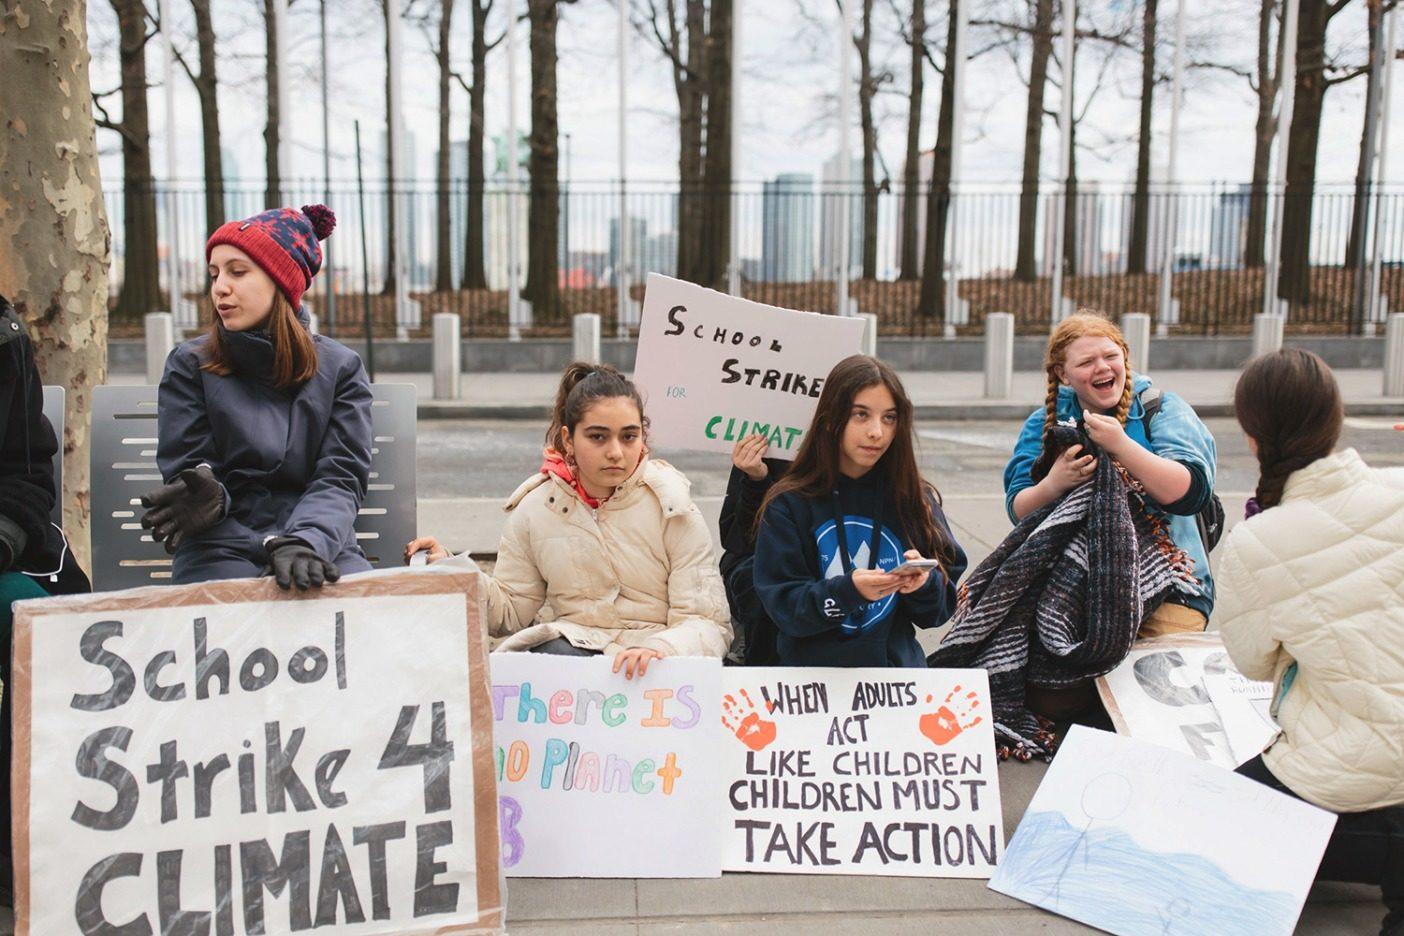 アレクサンドリアに加わり、金曜日のストライキに参加するニューヨーク市の他の学校の生徒エラ、アヤ、マリア、ケイト、クレオ。「クラスメートの多くが気候変動について理解しておらず、それはまた私がストライキをする理由でもあります。でもアメリカ全国の他の街の他の学校から多くの支持を得ています」とアレクサンドリアは言う。Photo: Joel Caldwell